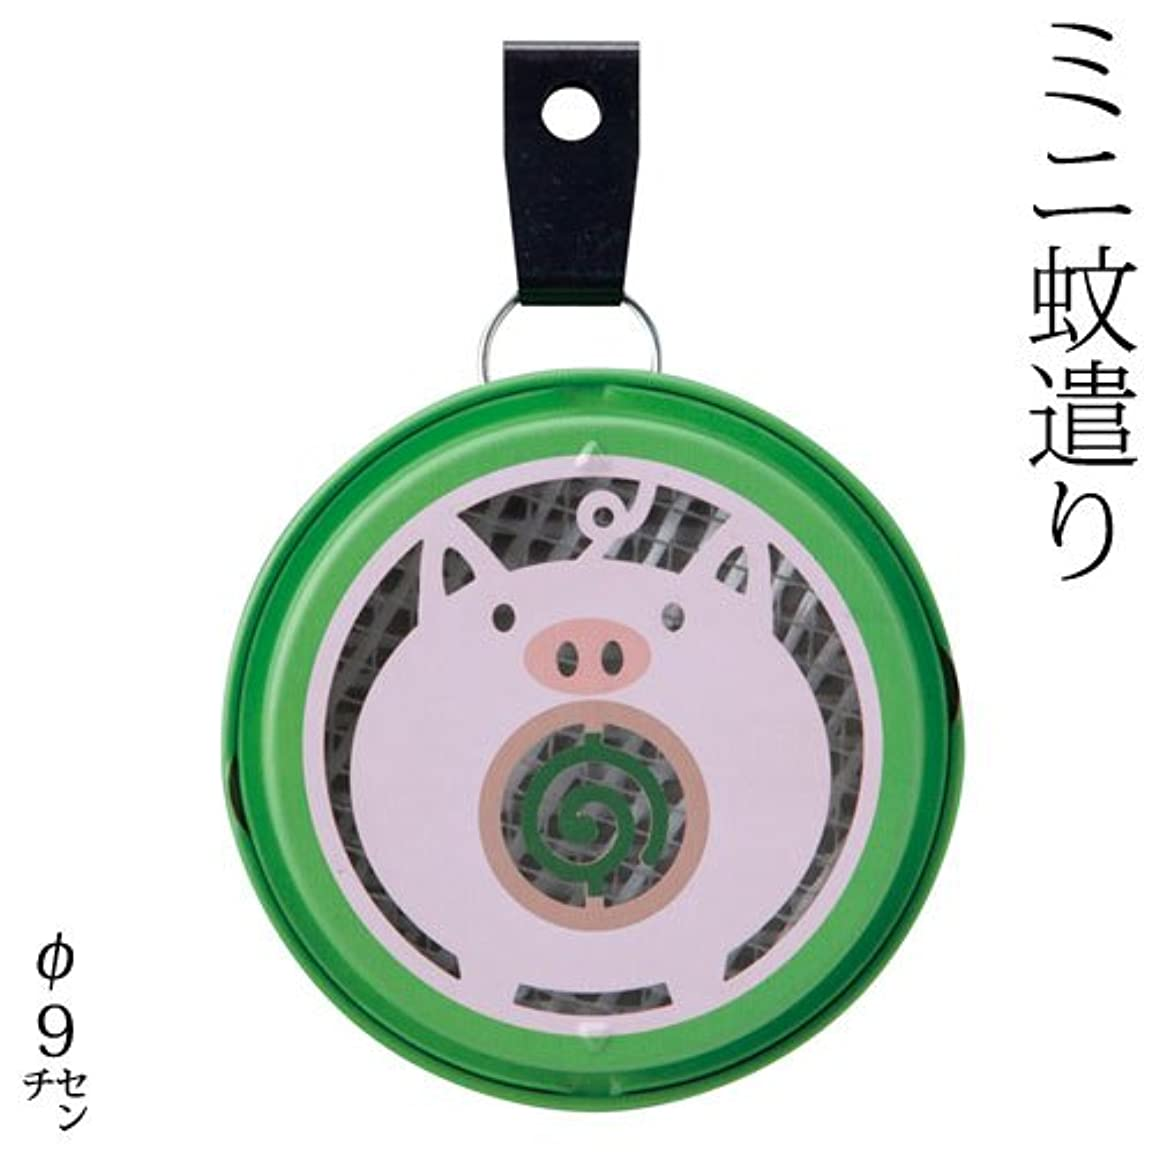 衣装新着命令DECOLEポータブルミニ蚊遣り蚊遣りぶた (SK-87514)吊り下げ?床置き対応Portable mini Kayari